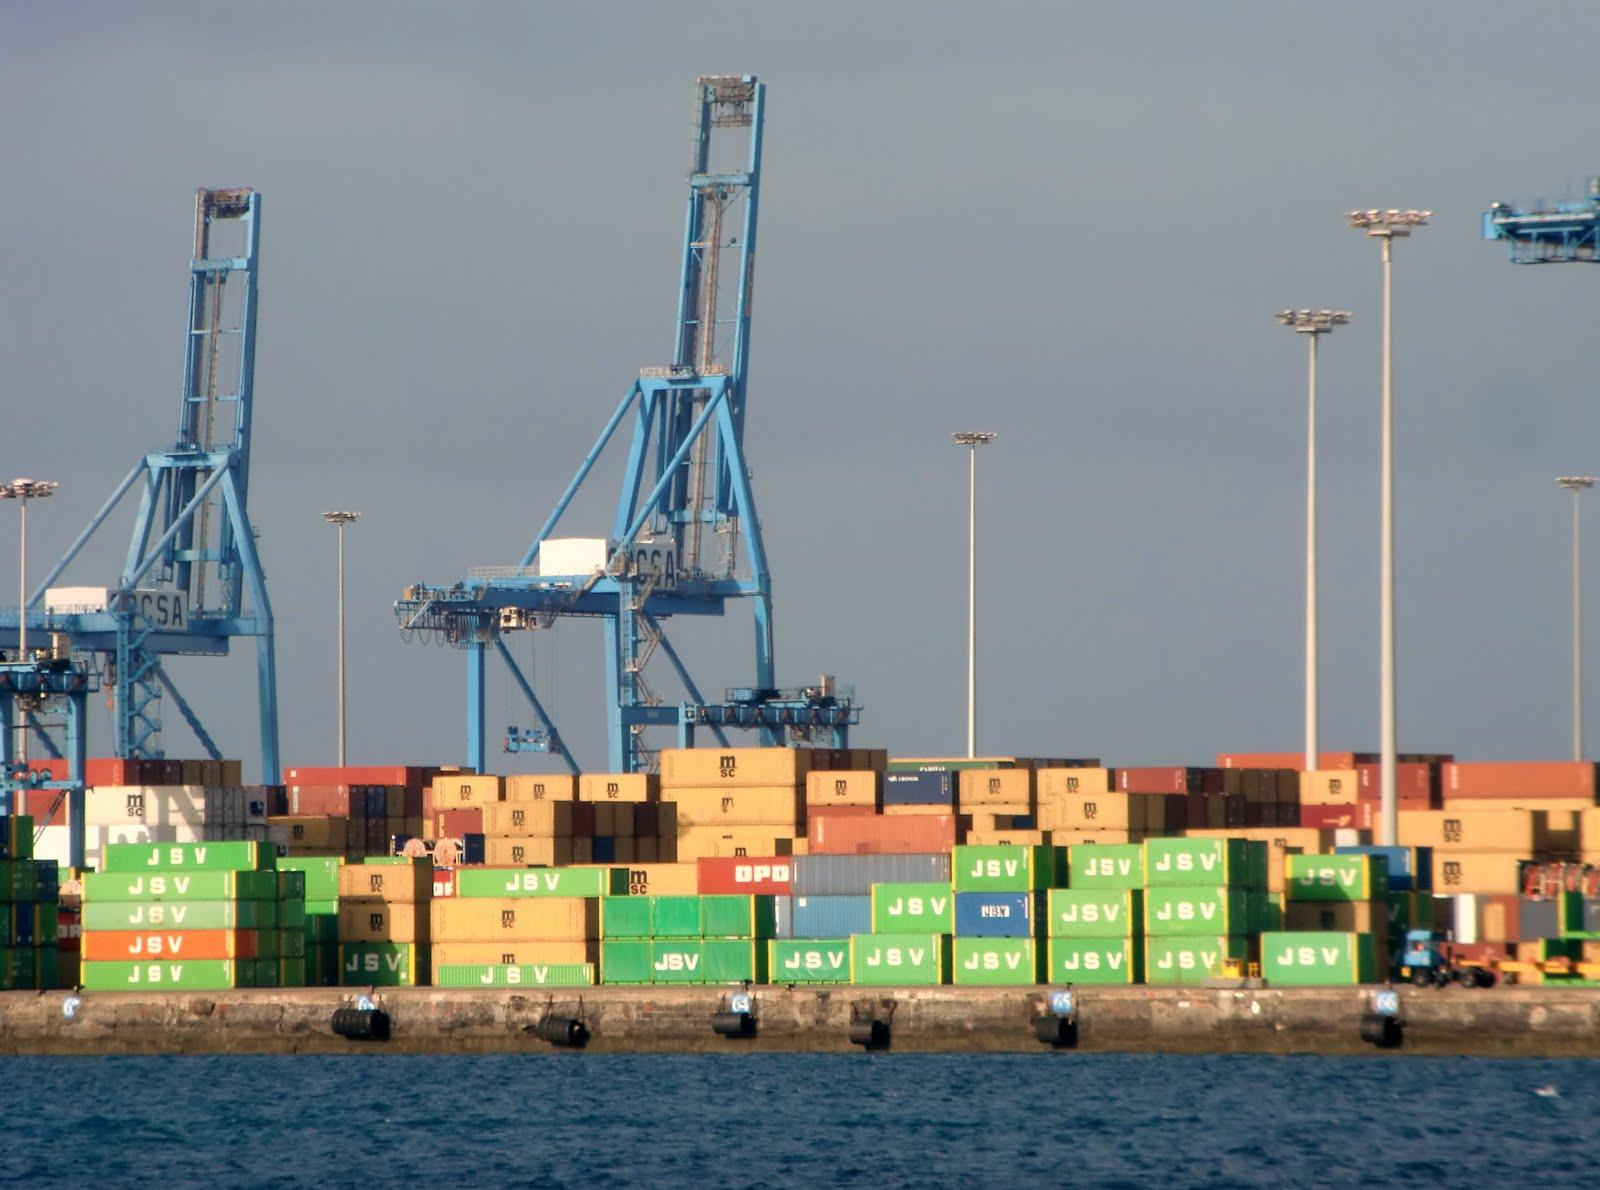 4 millones de dólares para limpiar los puertos